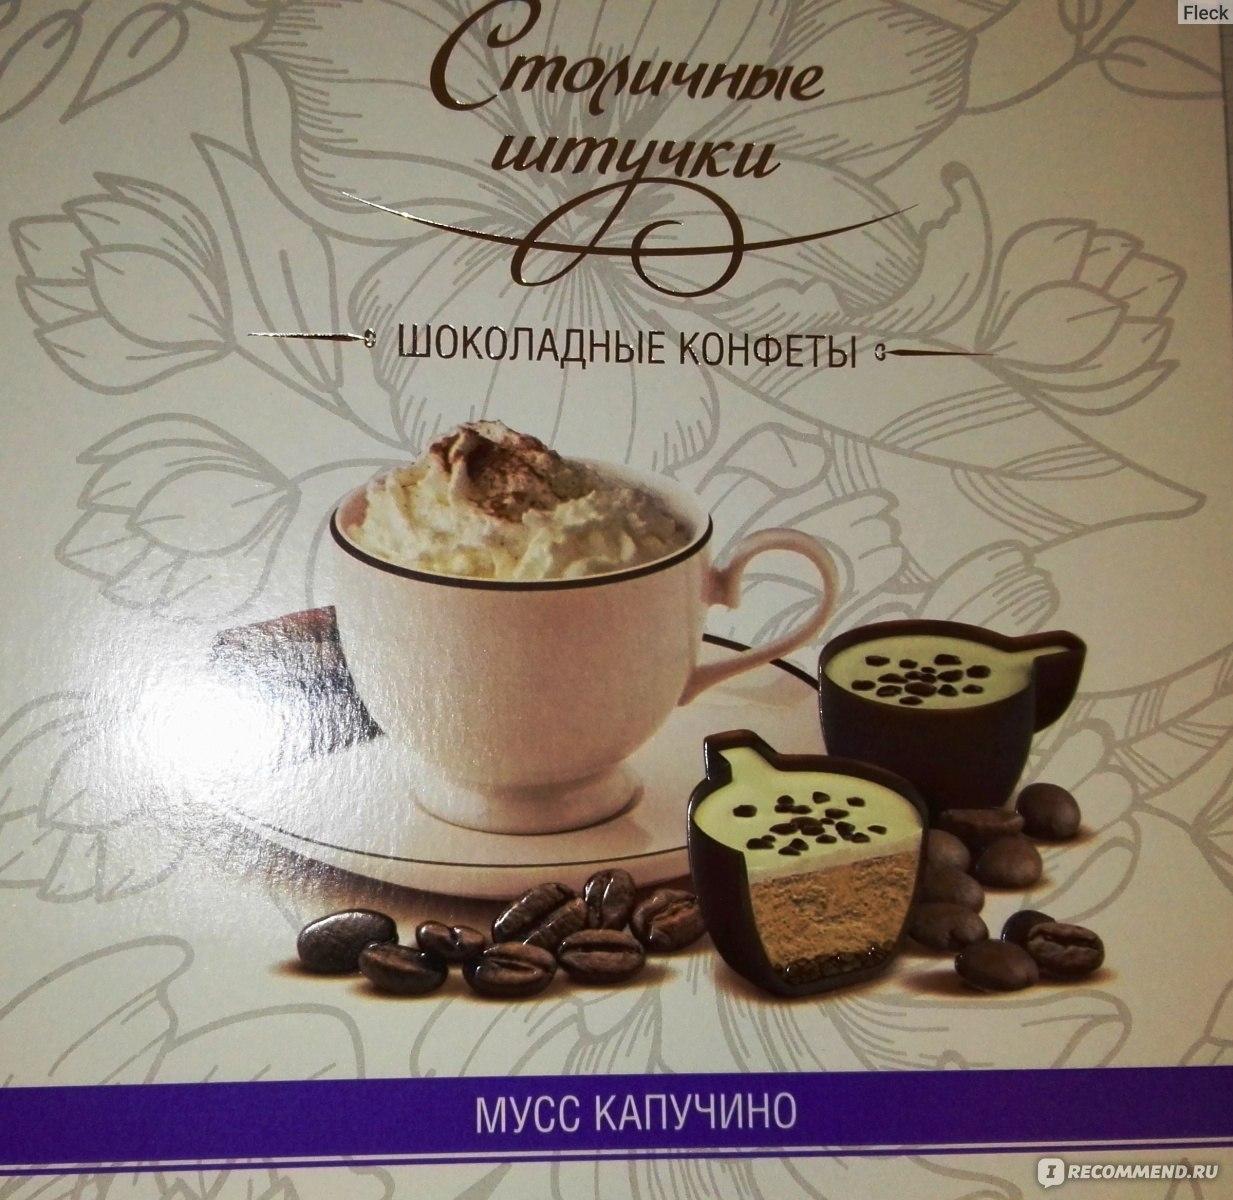 Набор шоколадных конфет ООО